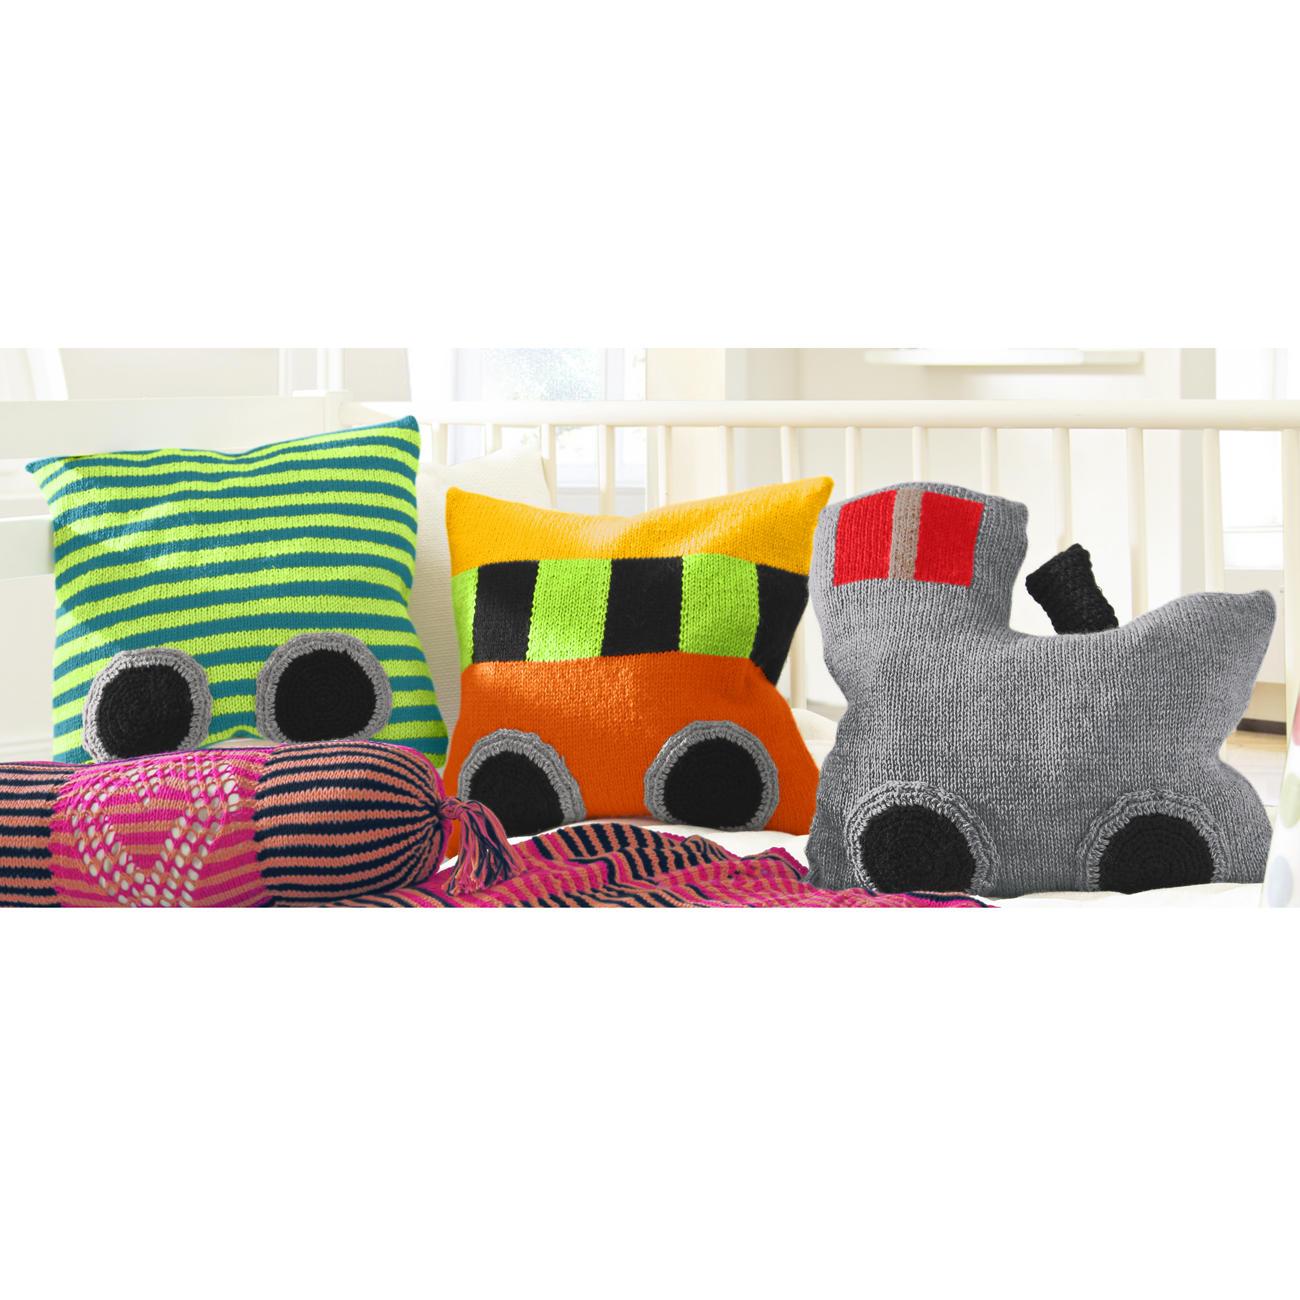 anleitung 318 3 kissenzug aus poco von junghans wolle 8 versch farben. Black Bedroom Furniture Sets. Home Design Ideas